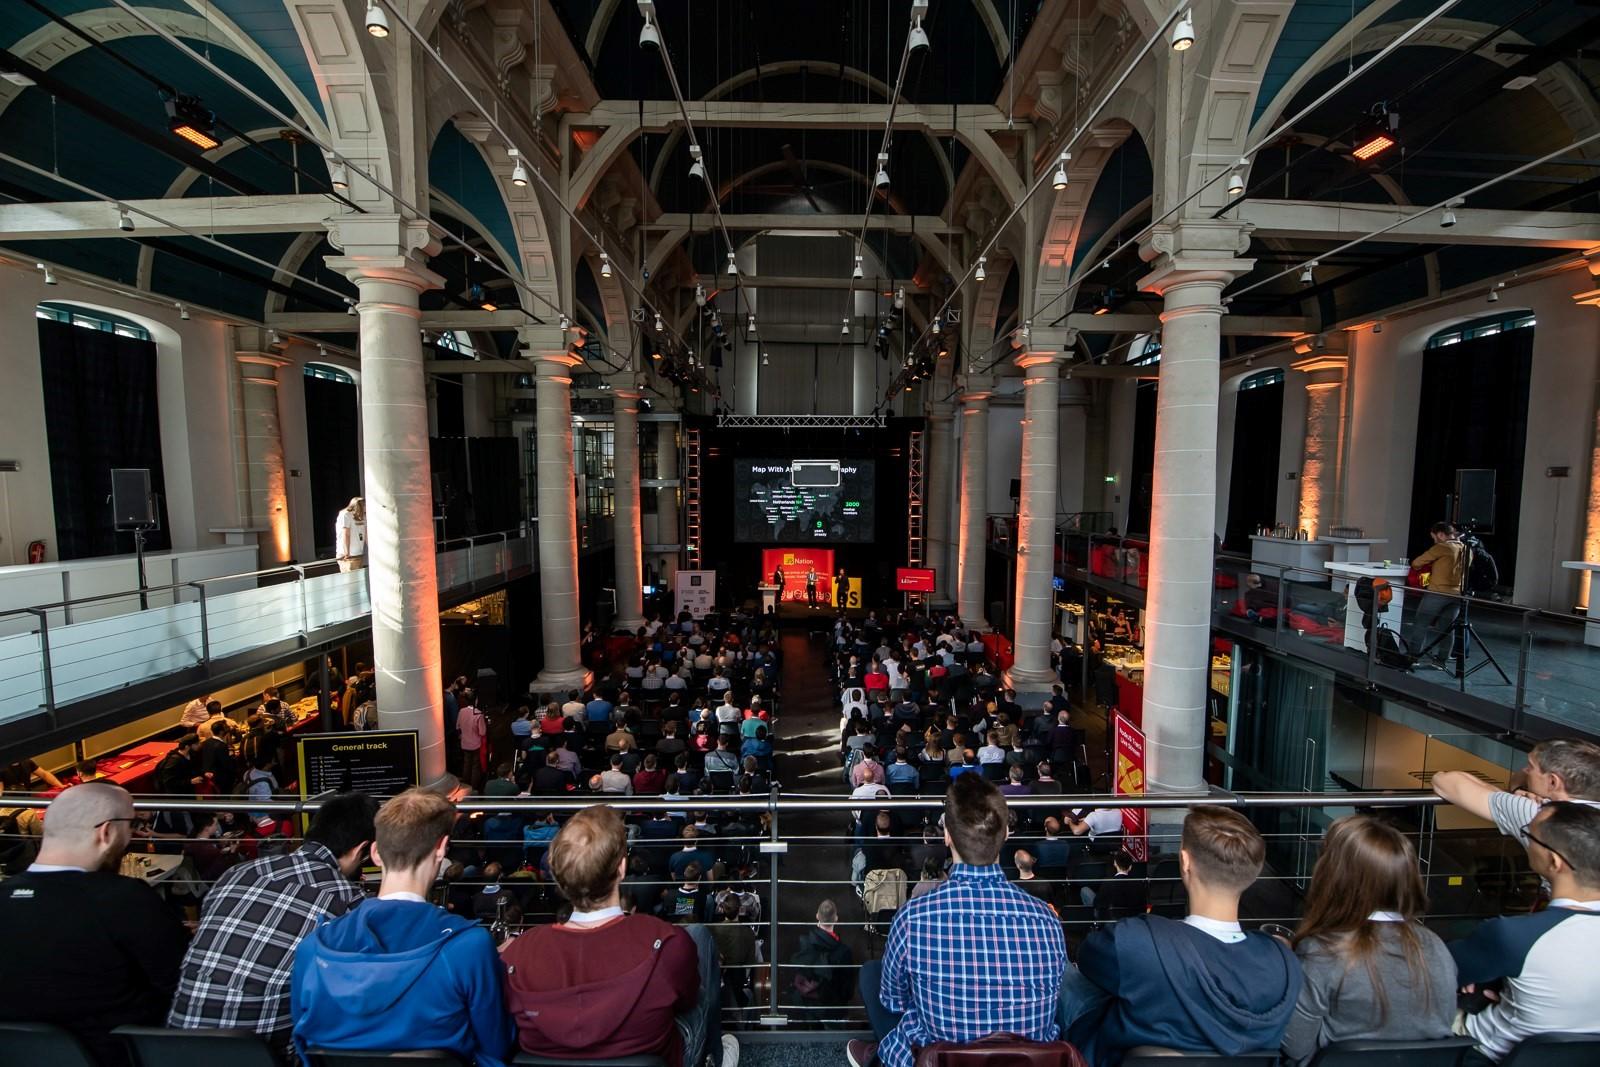 Amsterdam Конференции по Веб-разработке